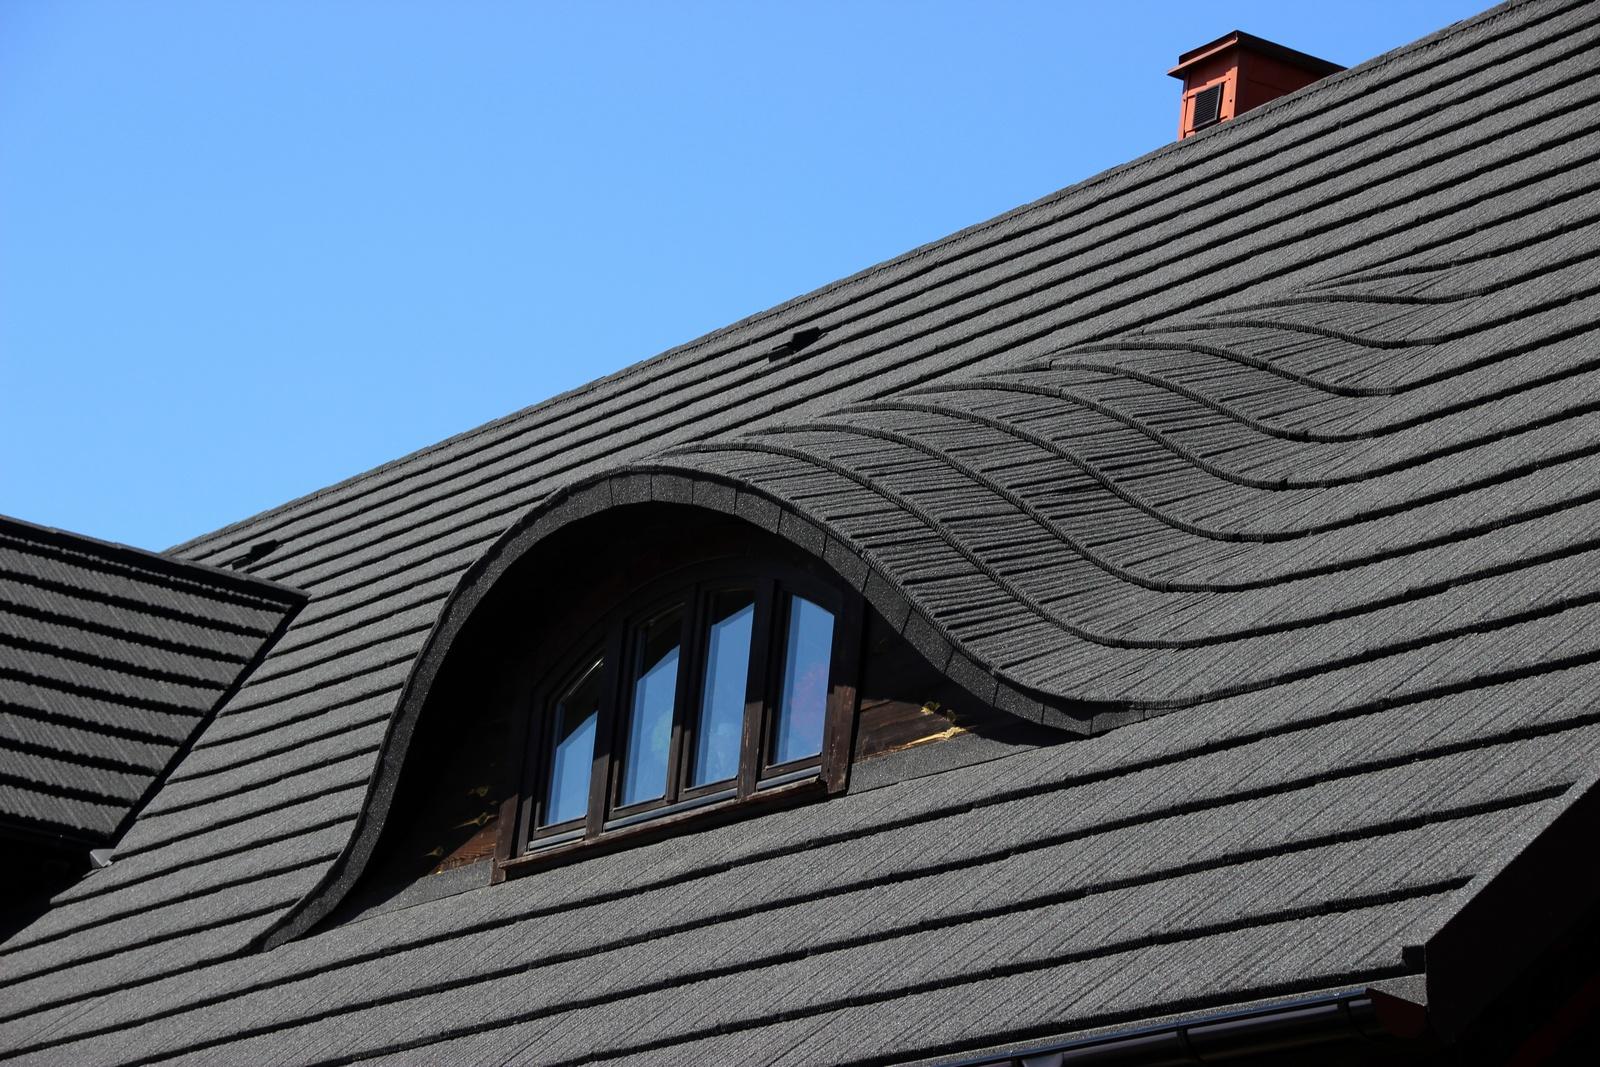 Shake Roof for Buffalo eye dormer restaurant Hillary